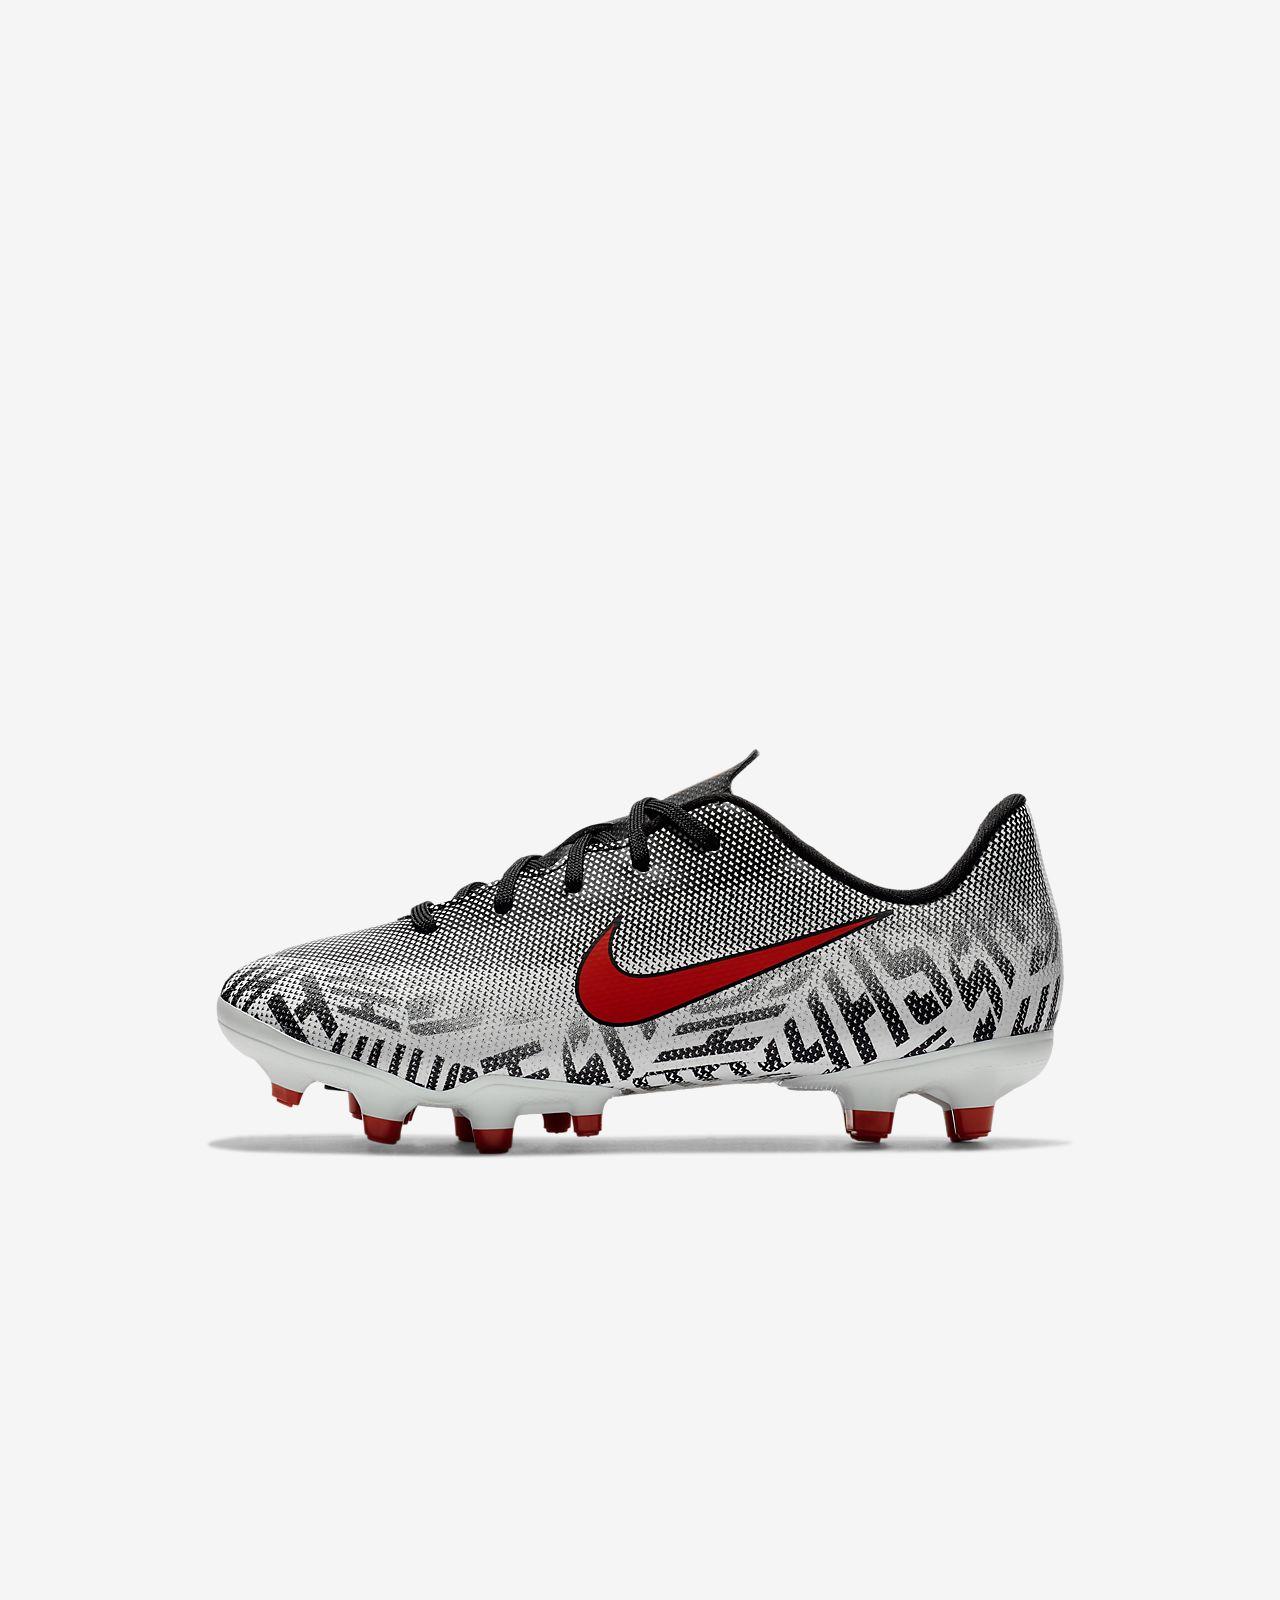 best website 2e982 b0bde ... Nike Jr. Vapor XII Academy Neymar Jr MG Fußballschuh für verschiedene  Böden für Kleinkinder/